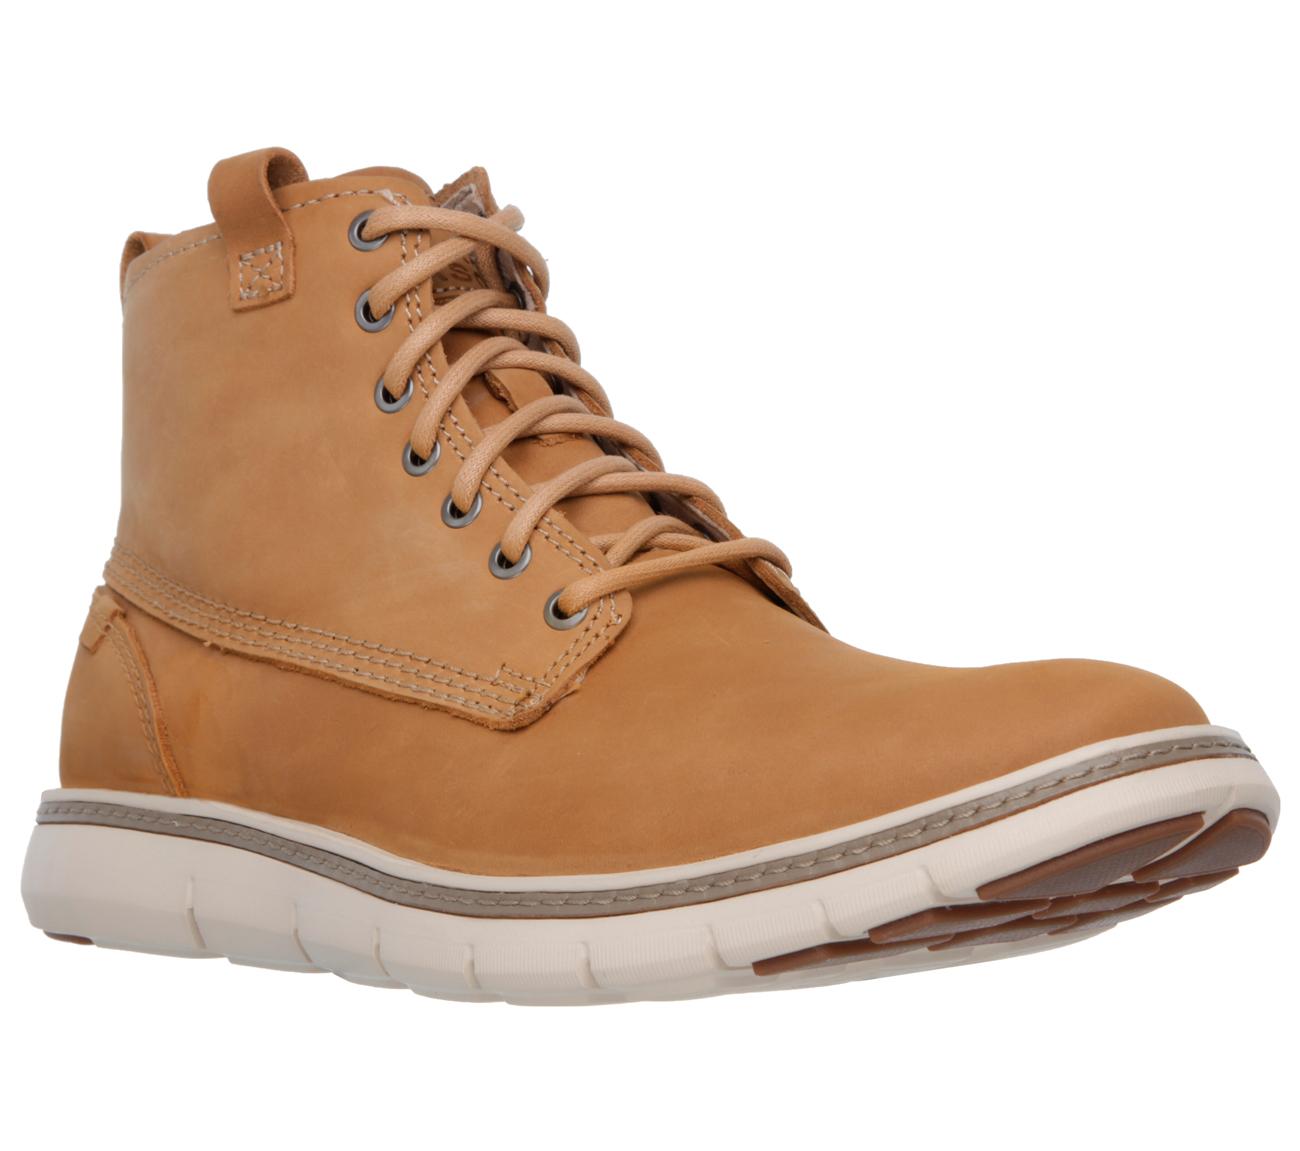 Skechers for Work D'Lite SR Slip Resistant Work Shoe For Women